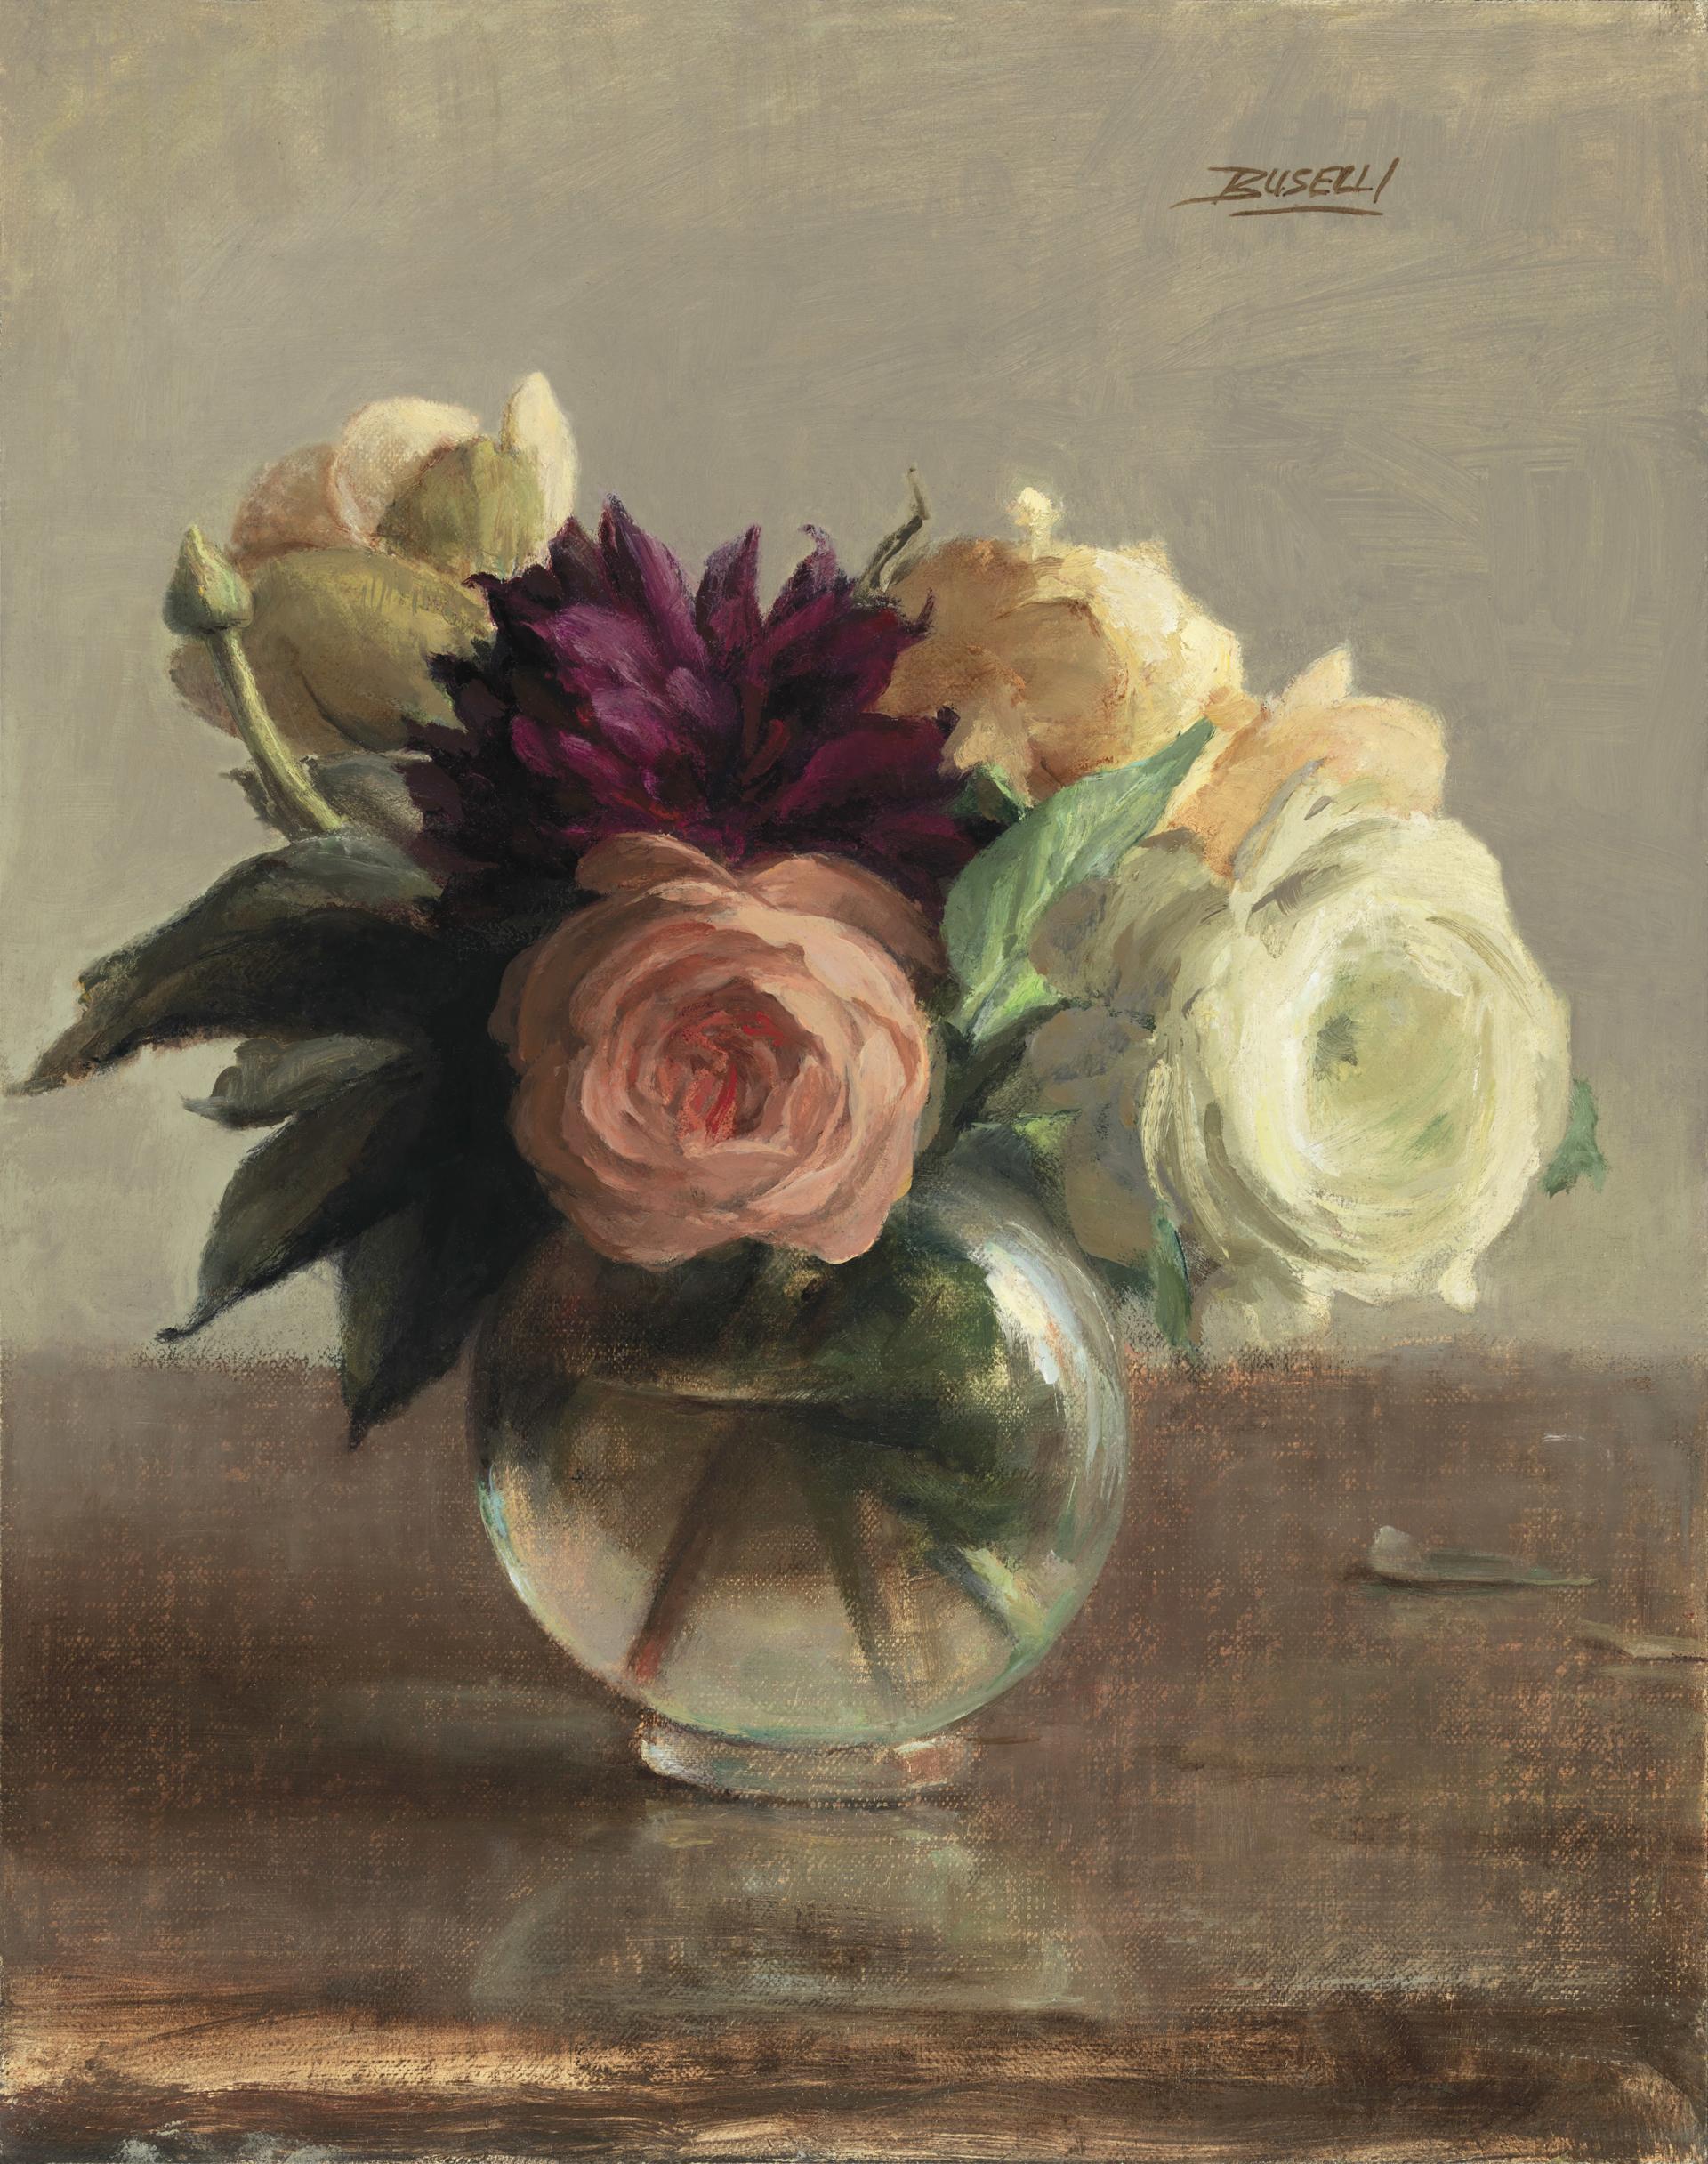 Floral Bouquet by ELLEN BUSELLI, opa